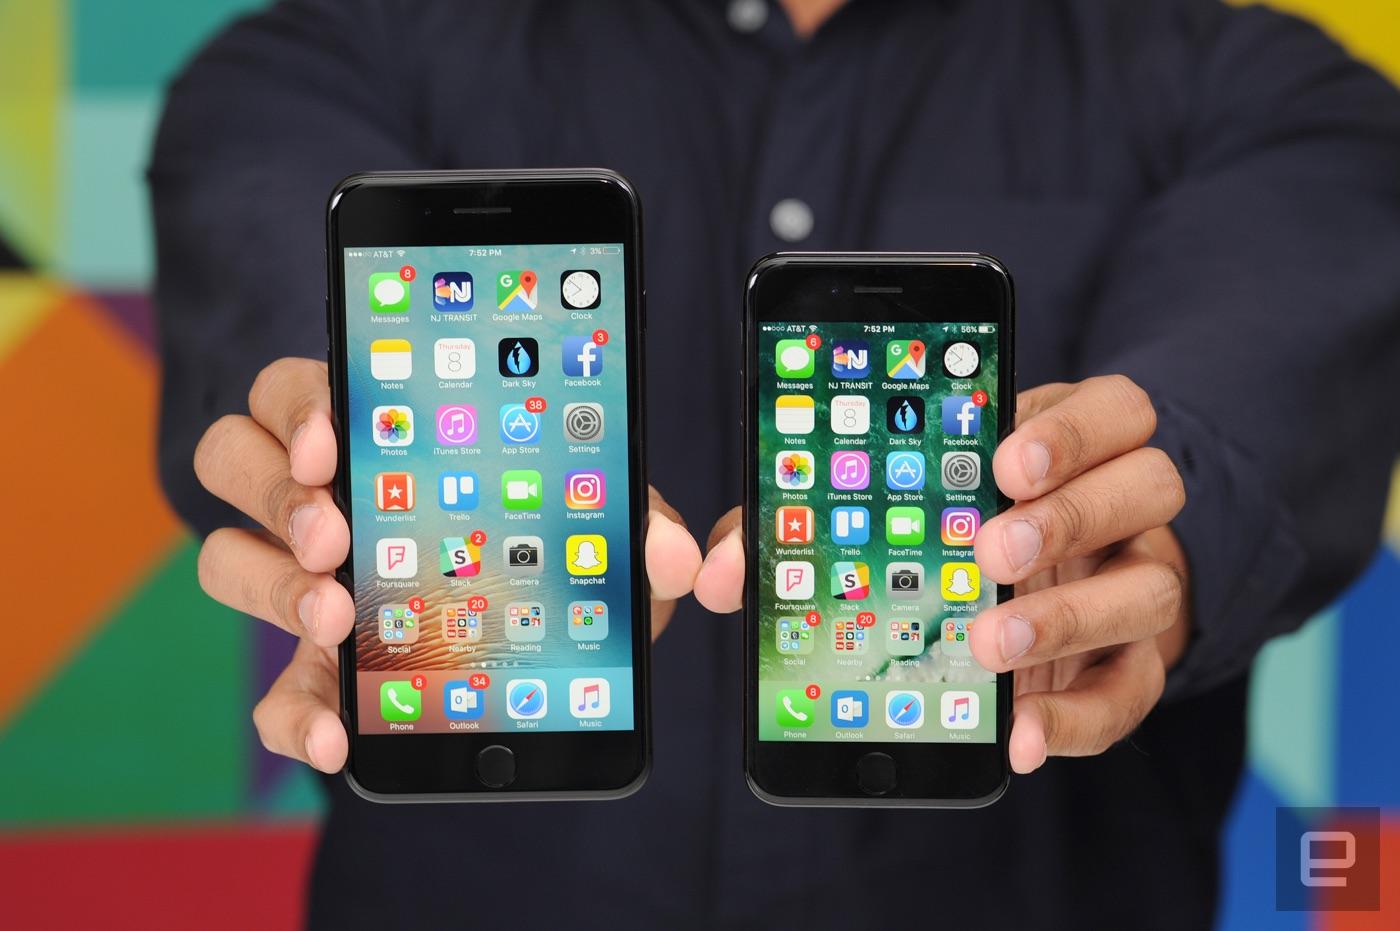 Đánh giá iPhone 7 và 7 Plus: Apple đã lựa chọn quá an toàn